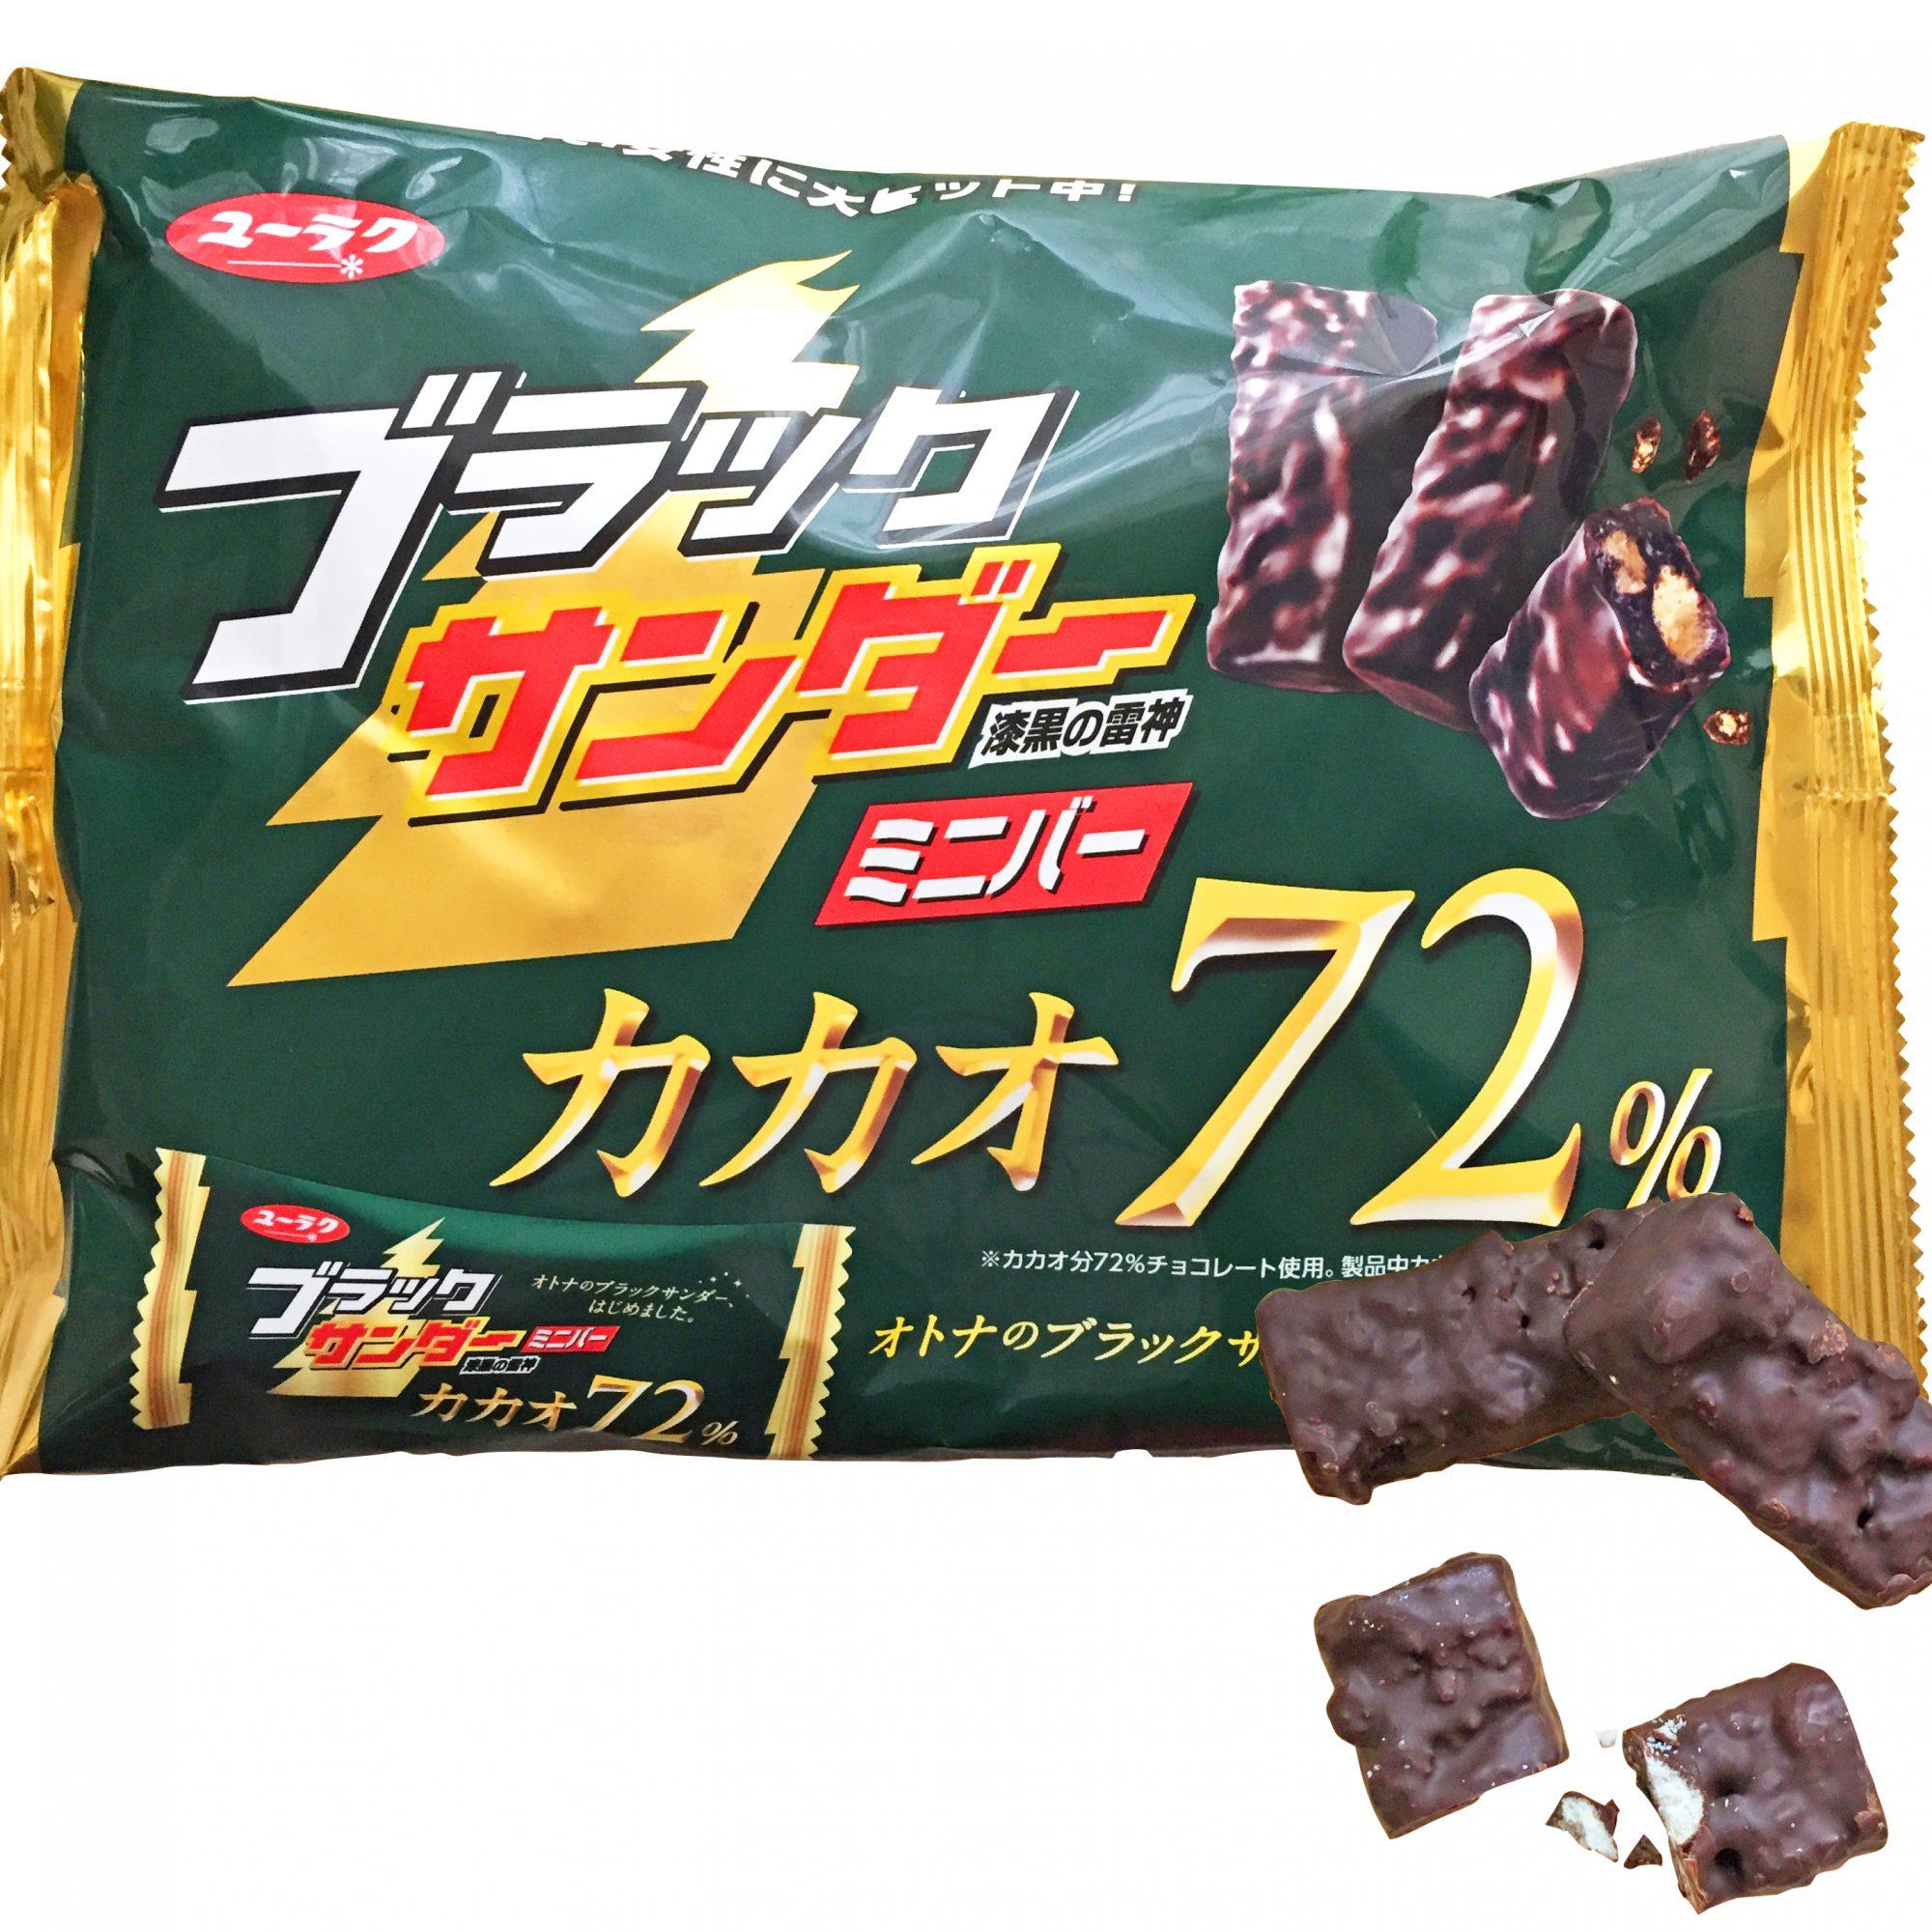 有楽製菓『ブラックサンダーミニバー カカオ72%』は糖質制限の強い味方◎ザックリ食感とほっこりビターな味わいが大人ウケ間違いなし!